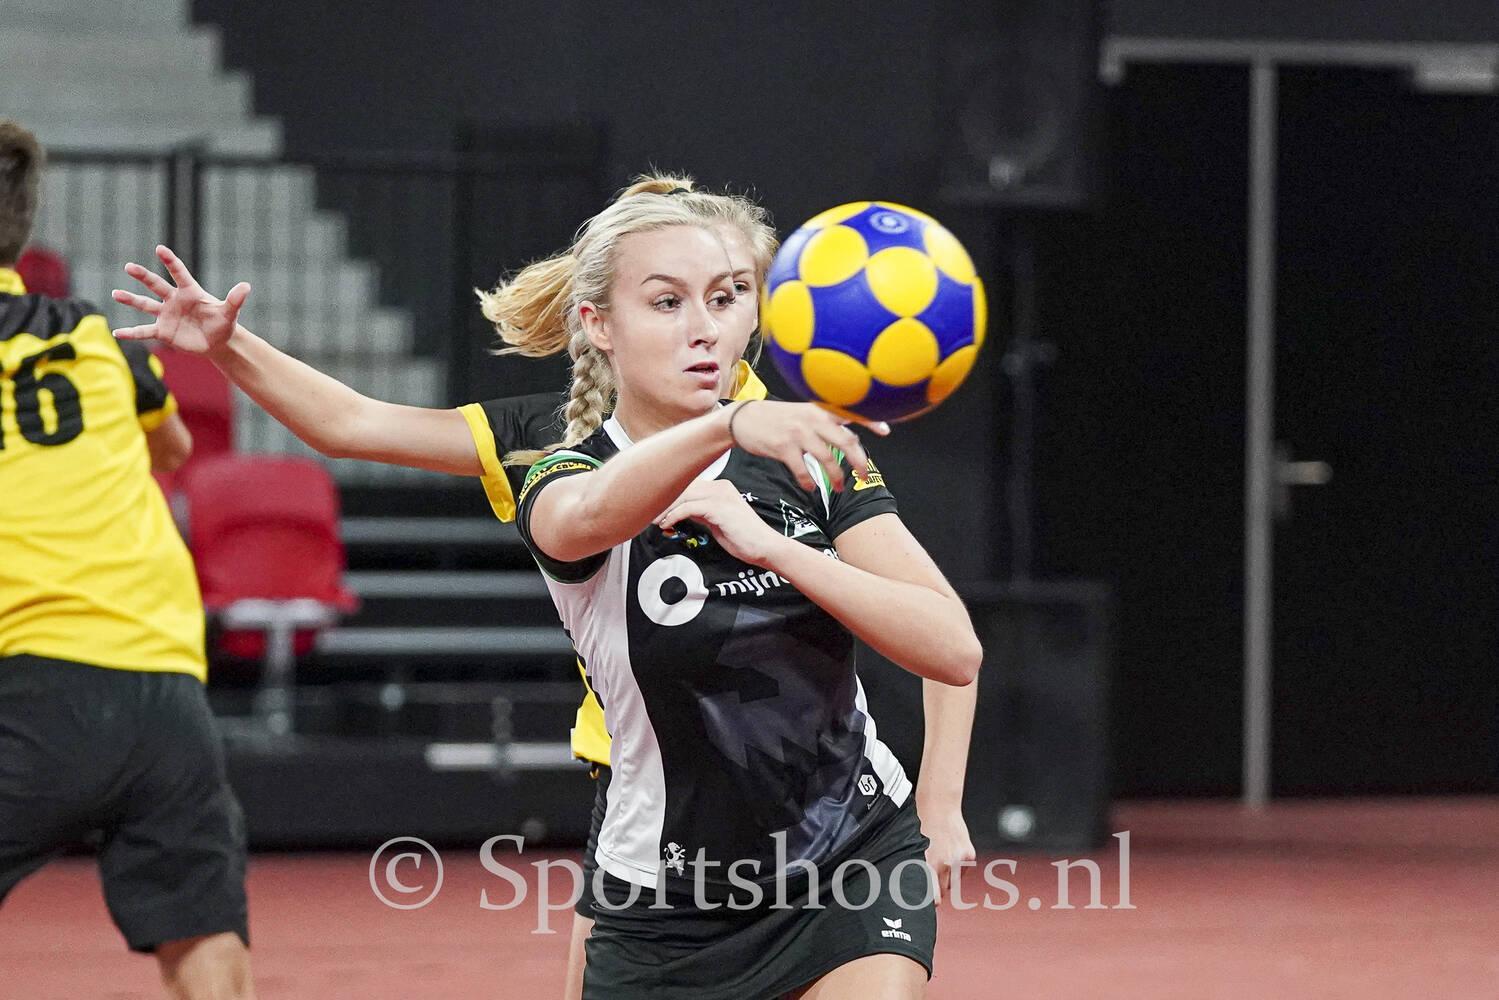 Korfbal in de Haagse regio, met 36 pagina's aan informatie